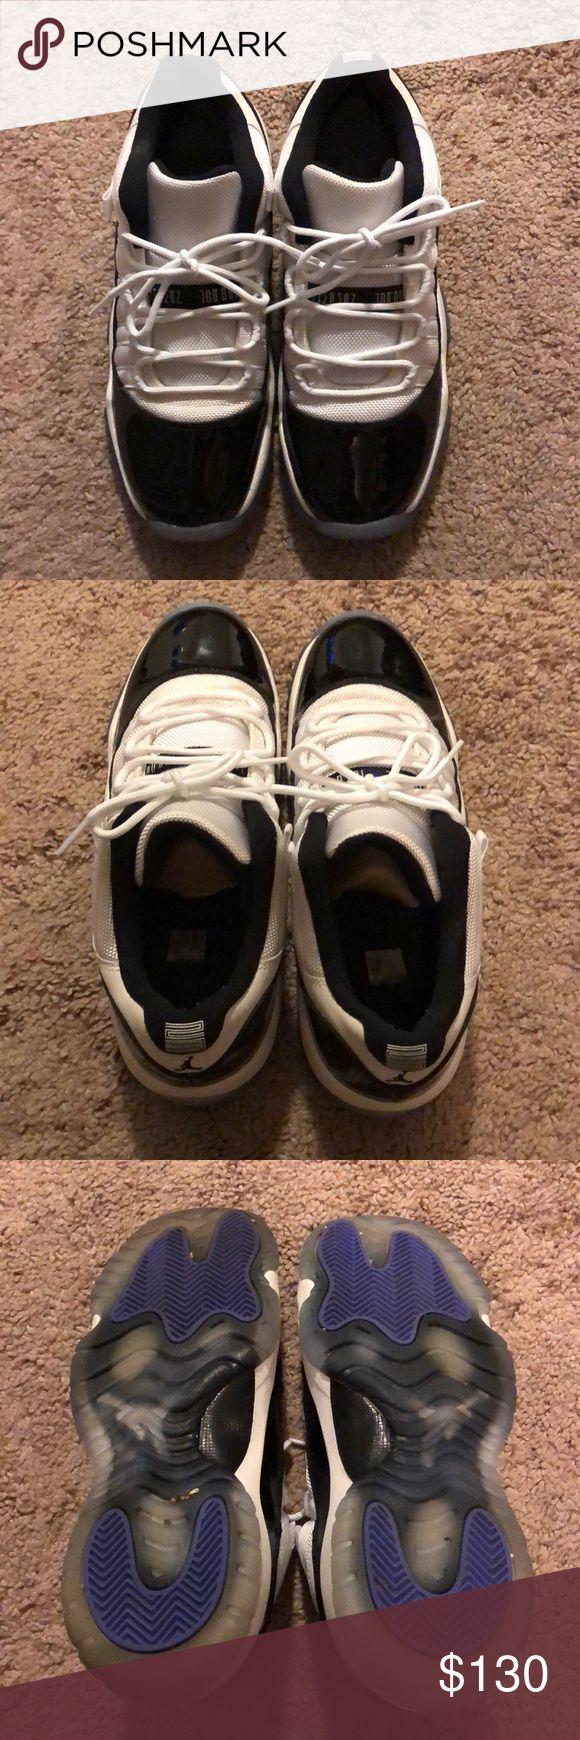 Jordan 11 Jordan low top 11. Worn twice Air Jordan Shoes Sneakers